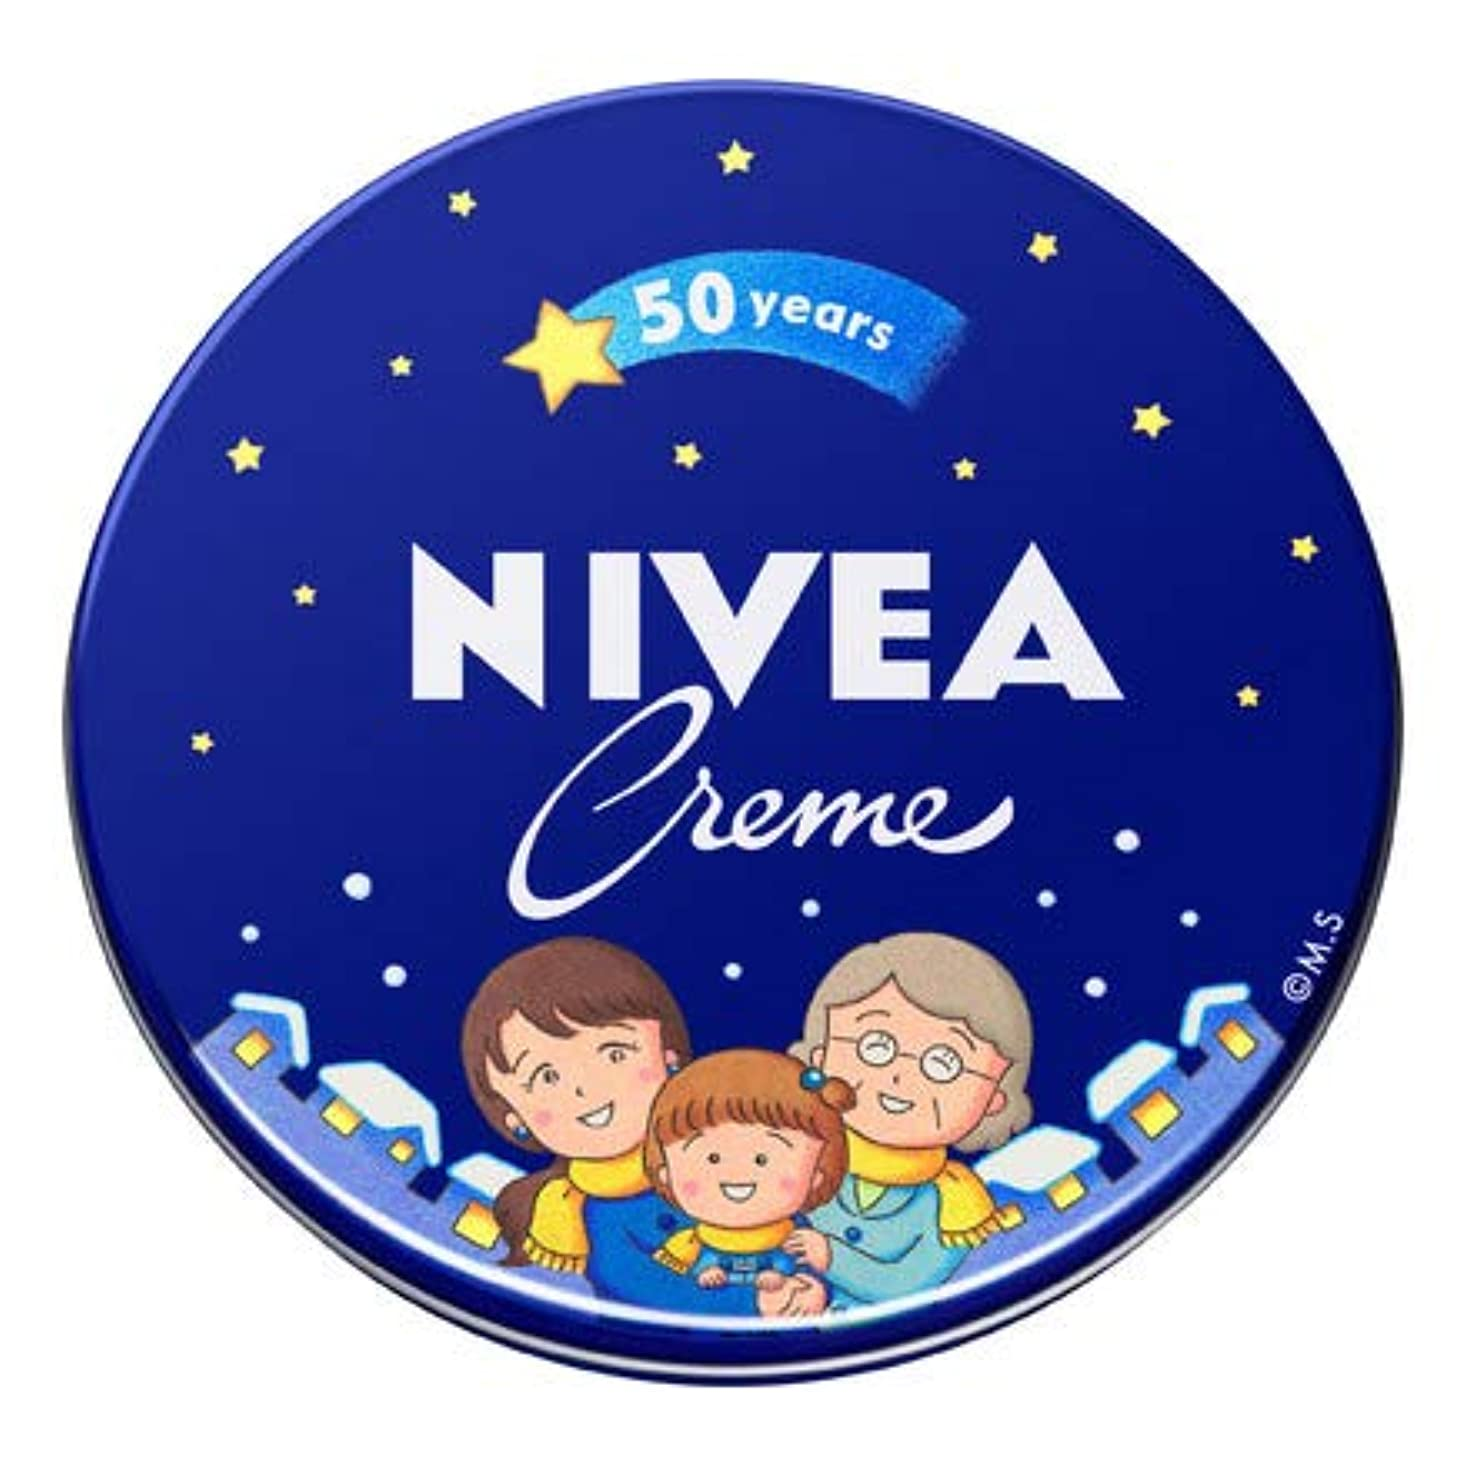 値カーフお風呂を持っているNIVEA ニベアクリーム 中缶 56g さくらももこ限定デザイン